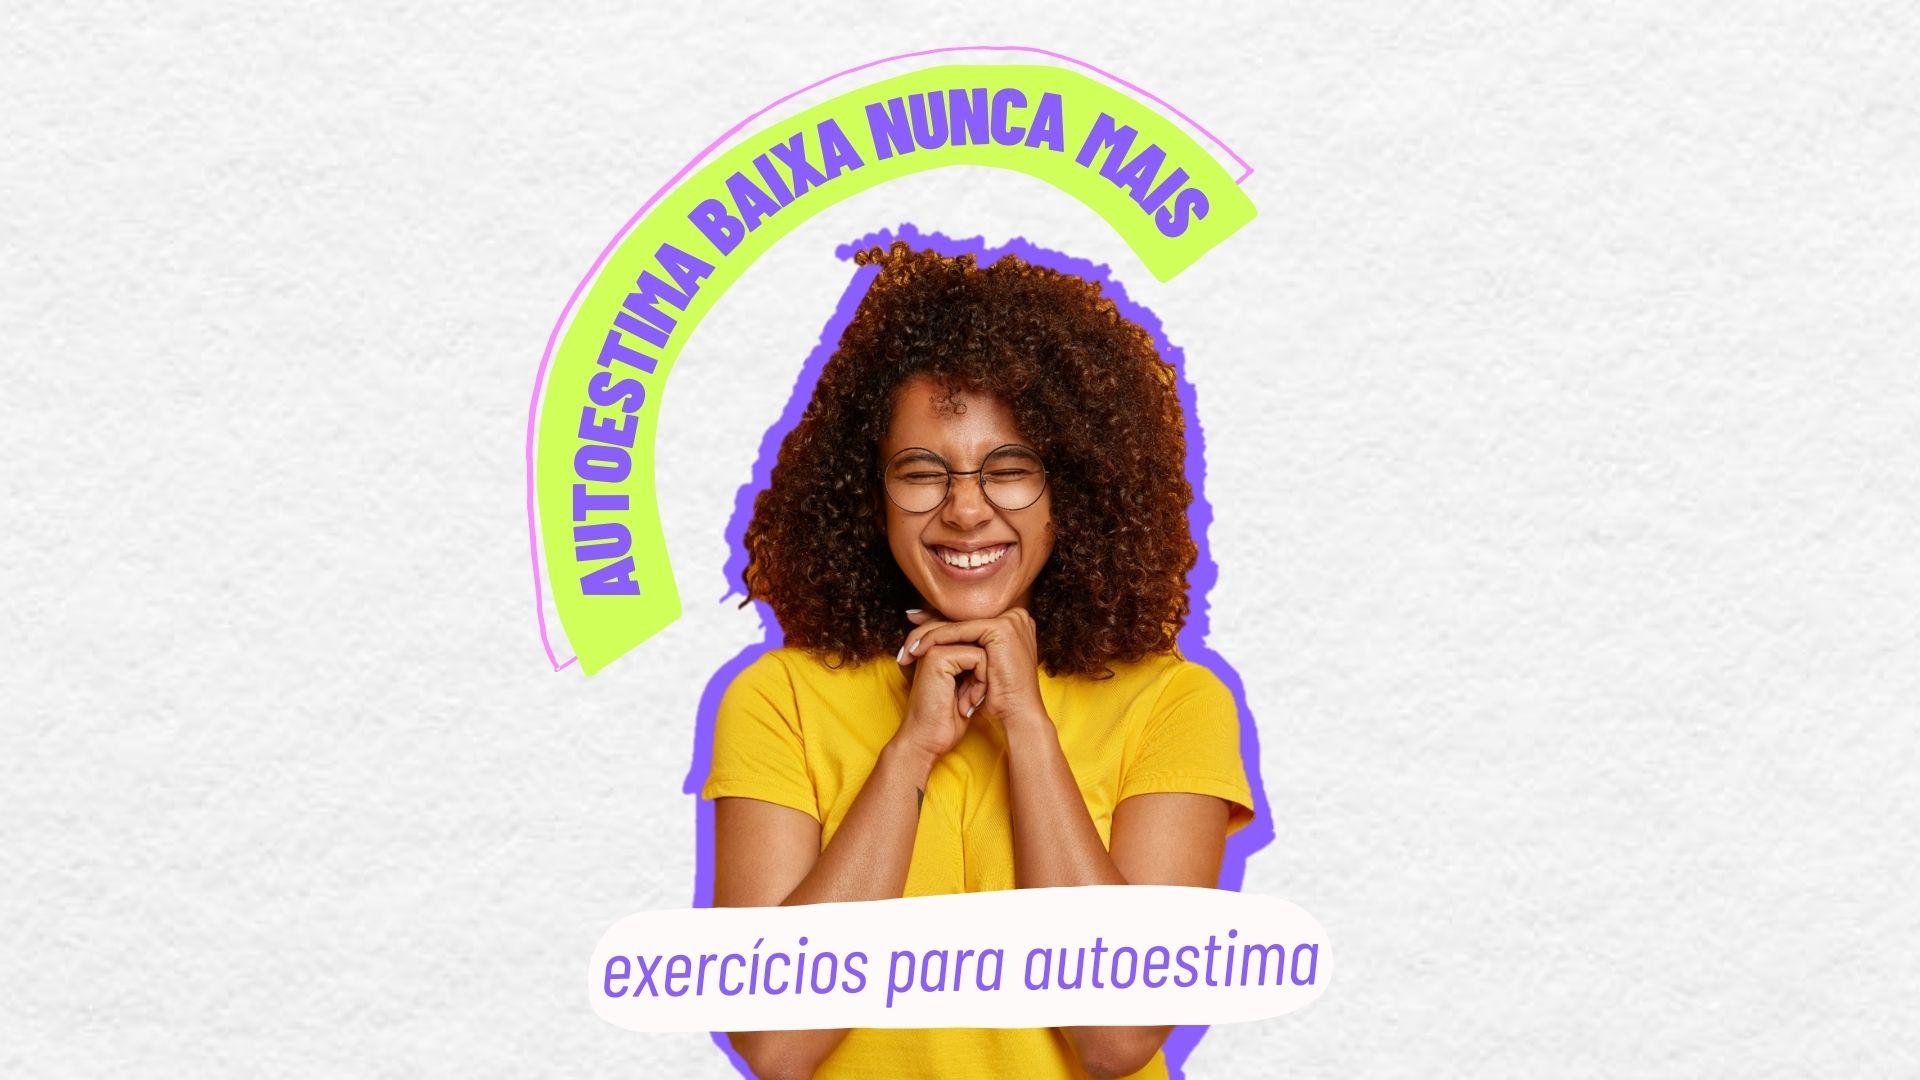 exercicios para autoestima